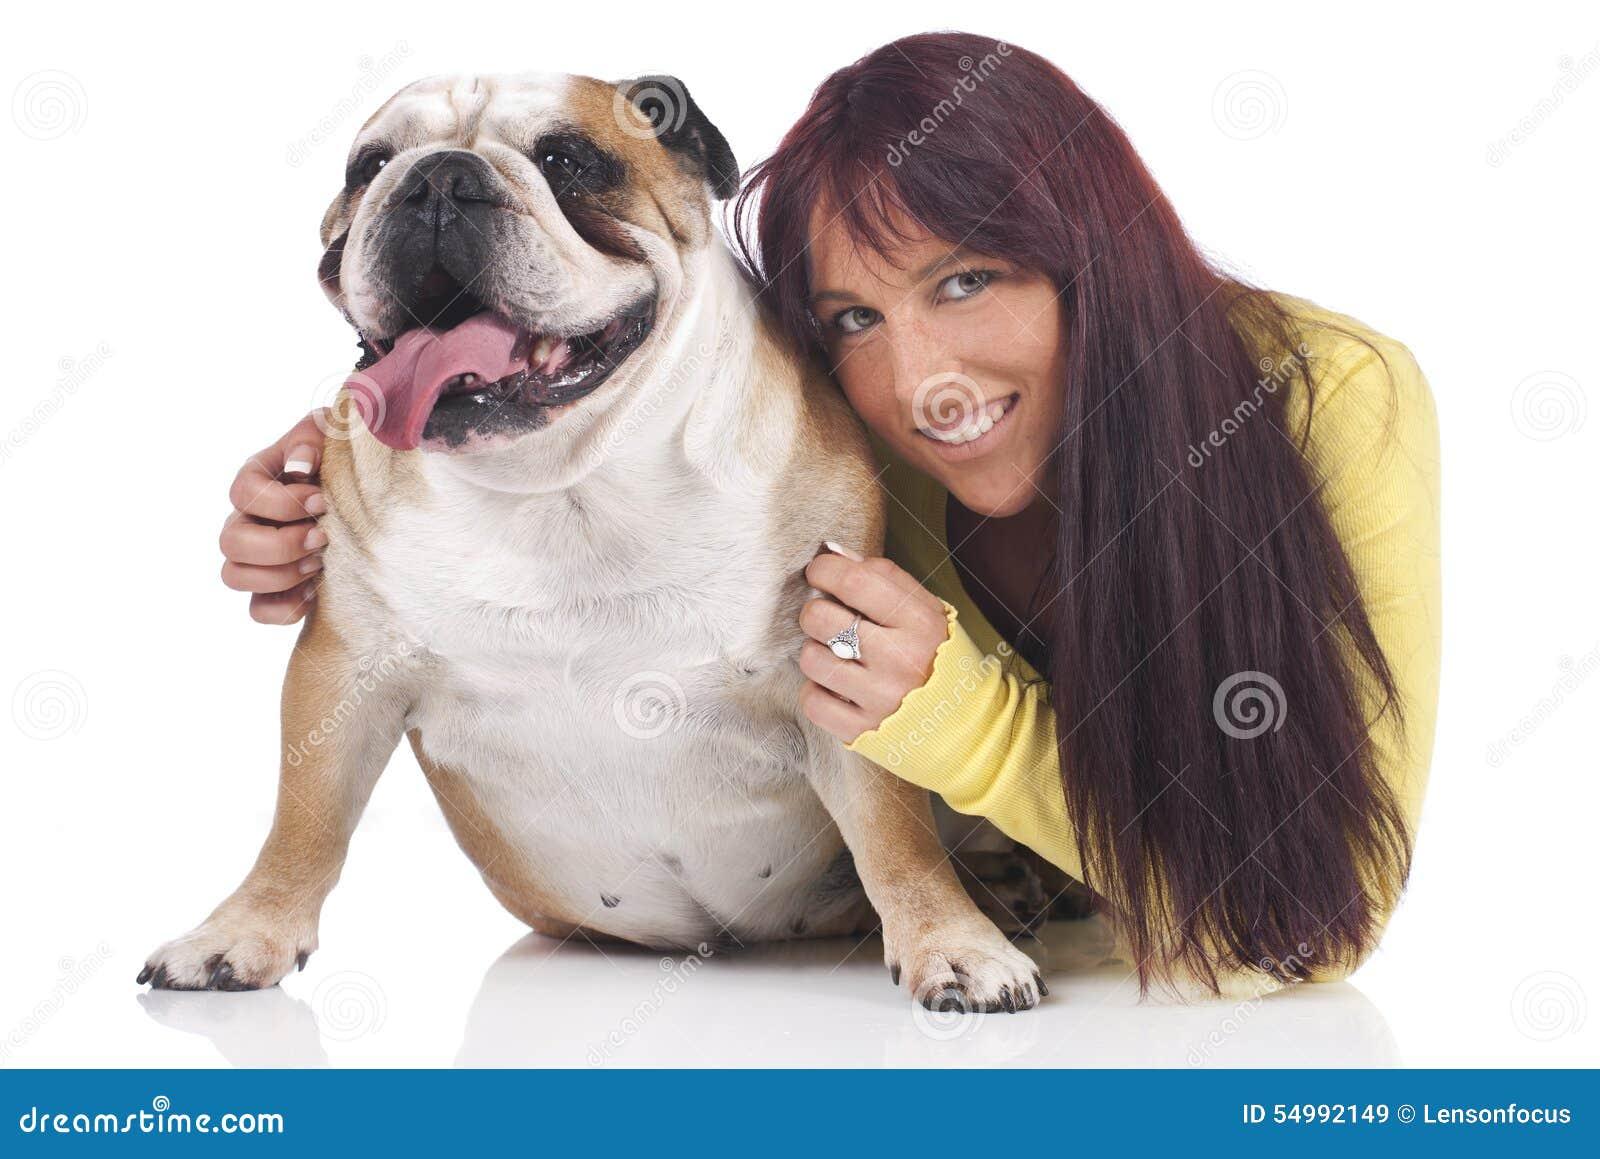 La giovane donna abbraccia il bulldog inglese